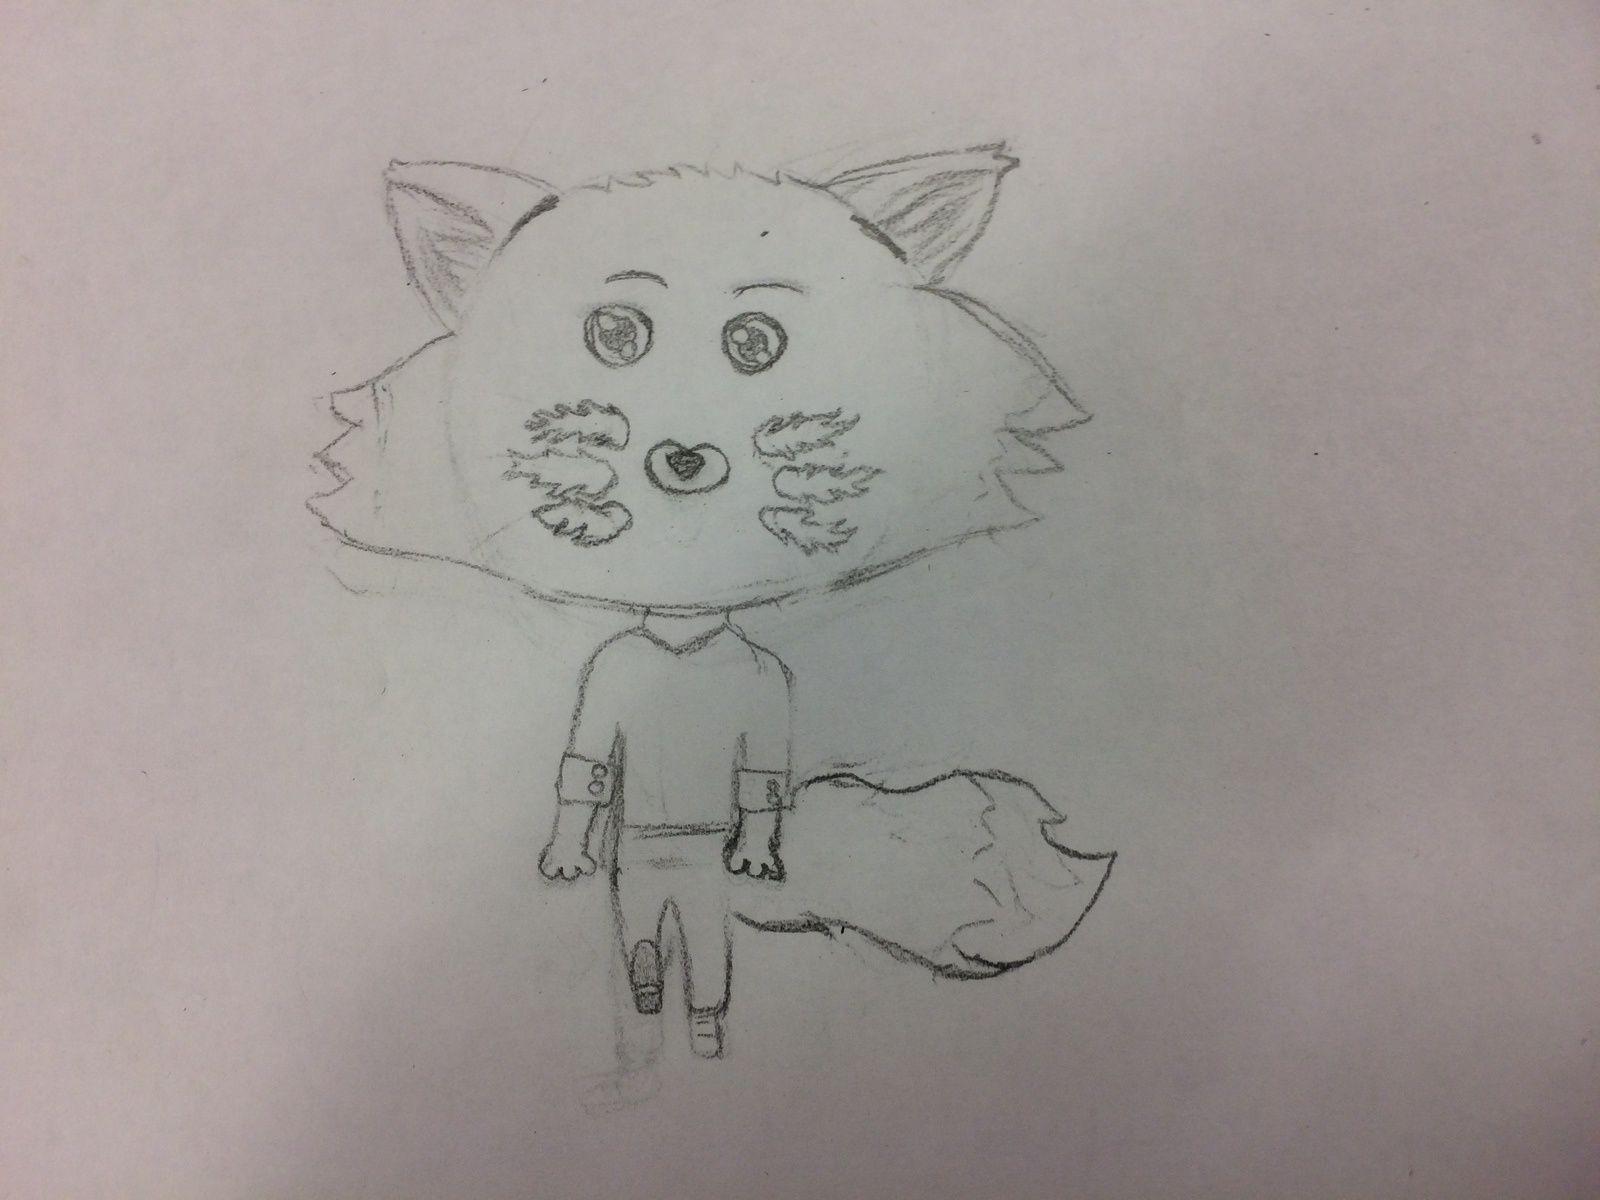 Dernières oeuvres des mangakas débutants de l'école du manga-Leclerc